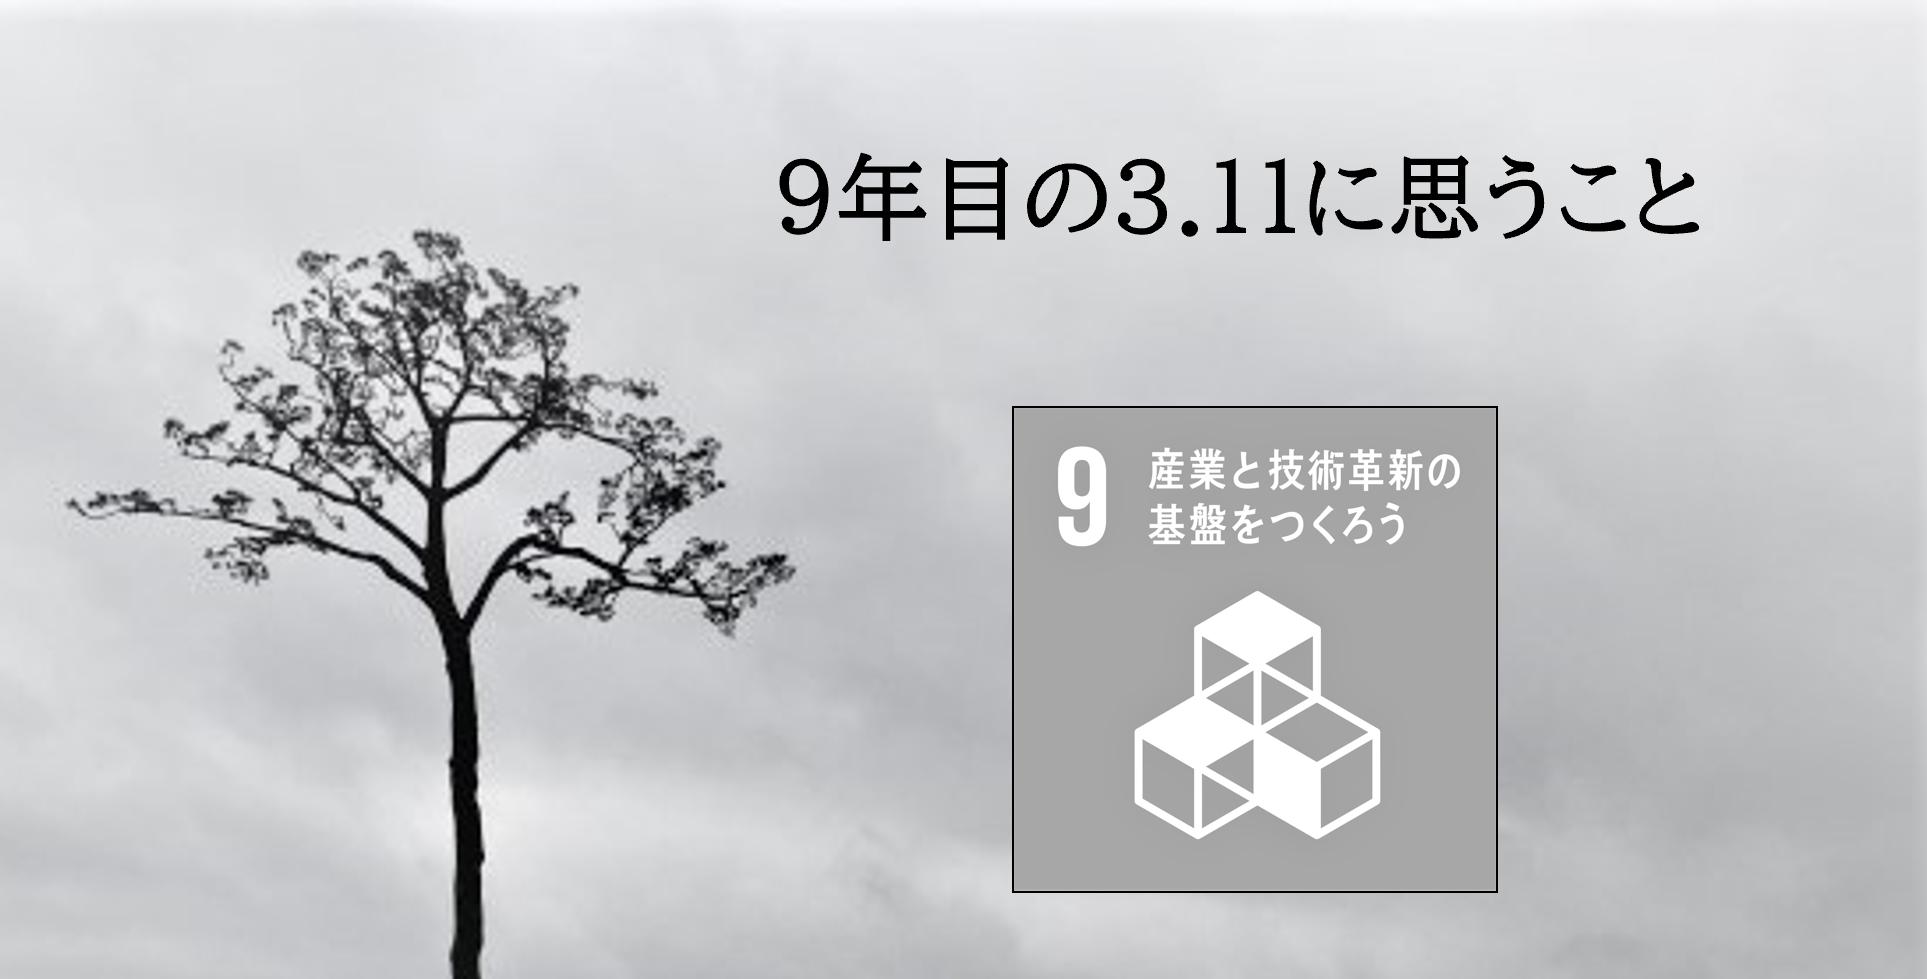 東日本大震災から9年のブログです